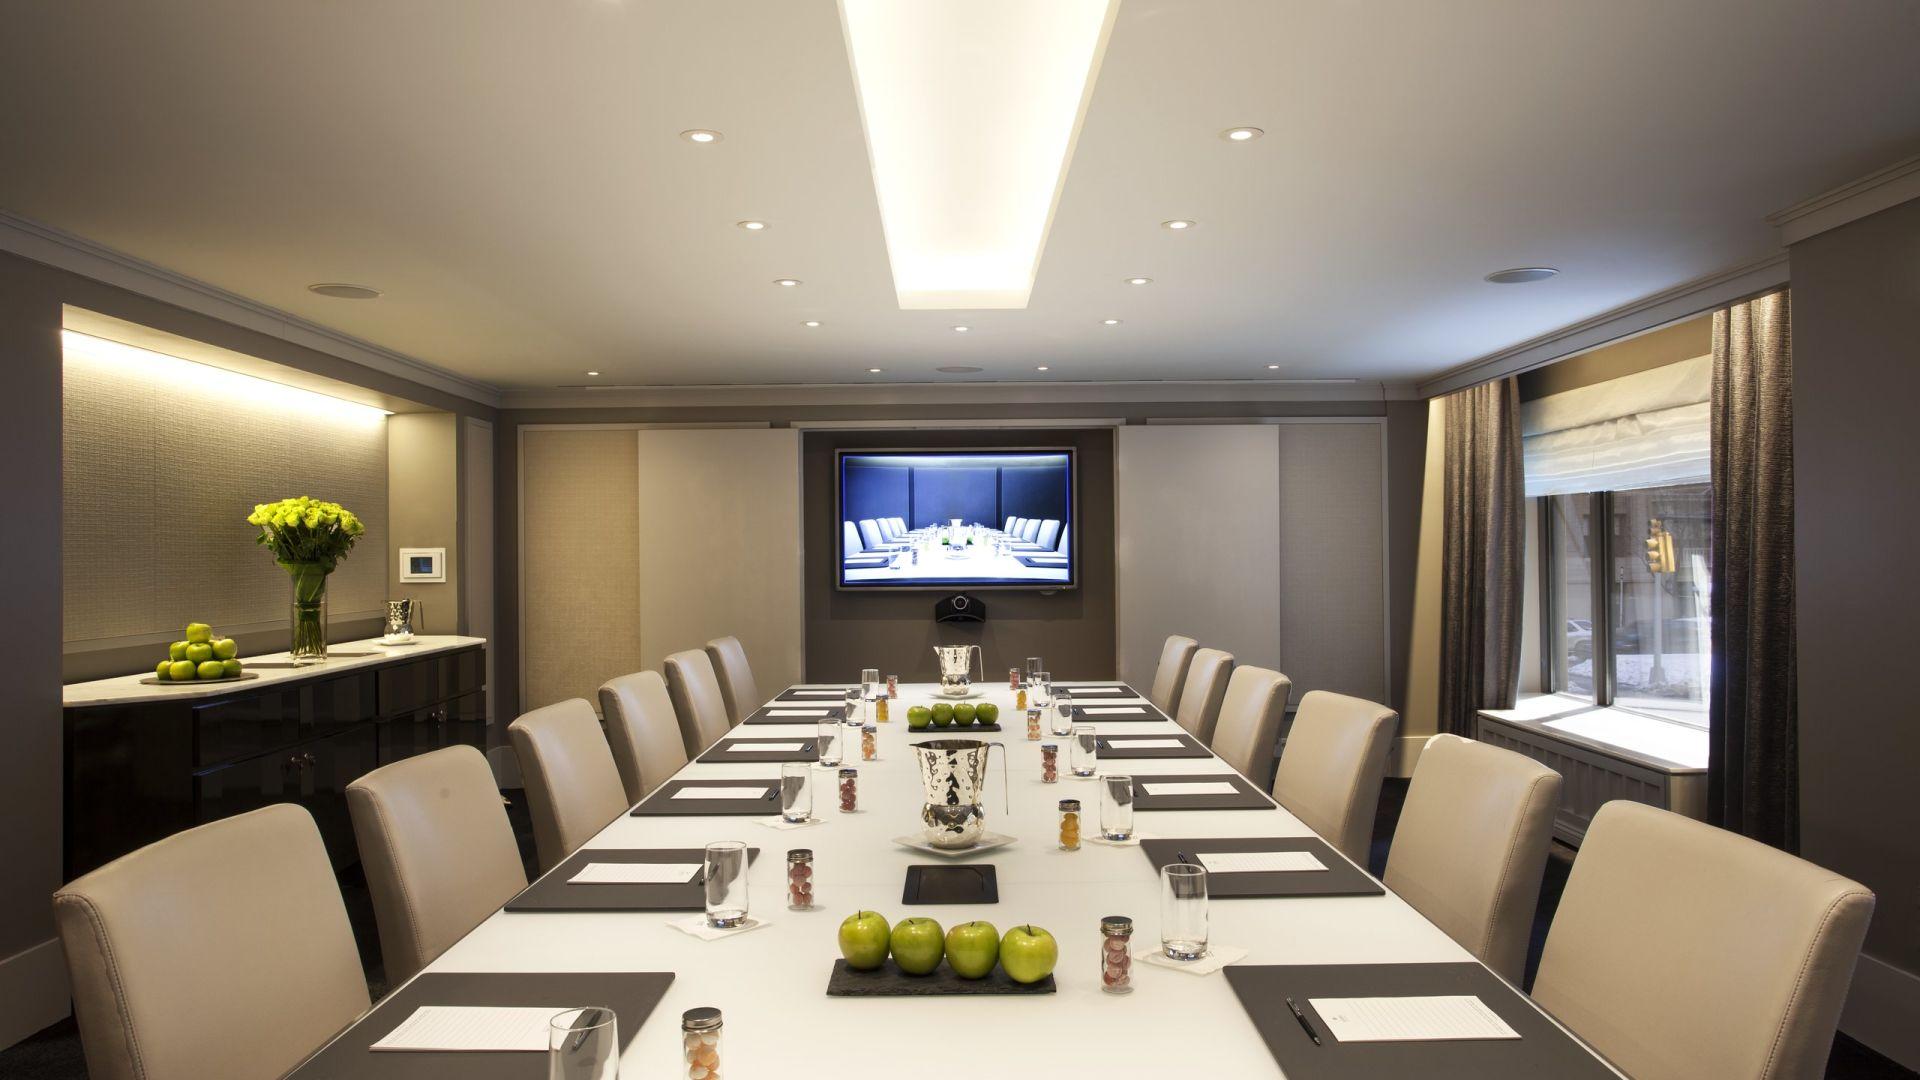 Sheep Meadow Meeting Room   Loews Regency New York Hotel